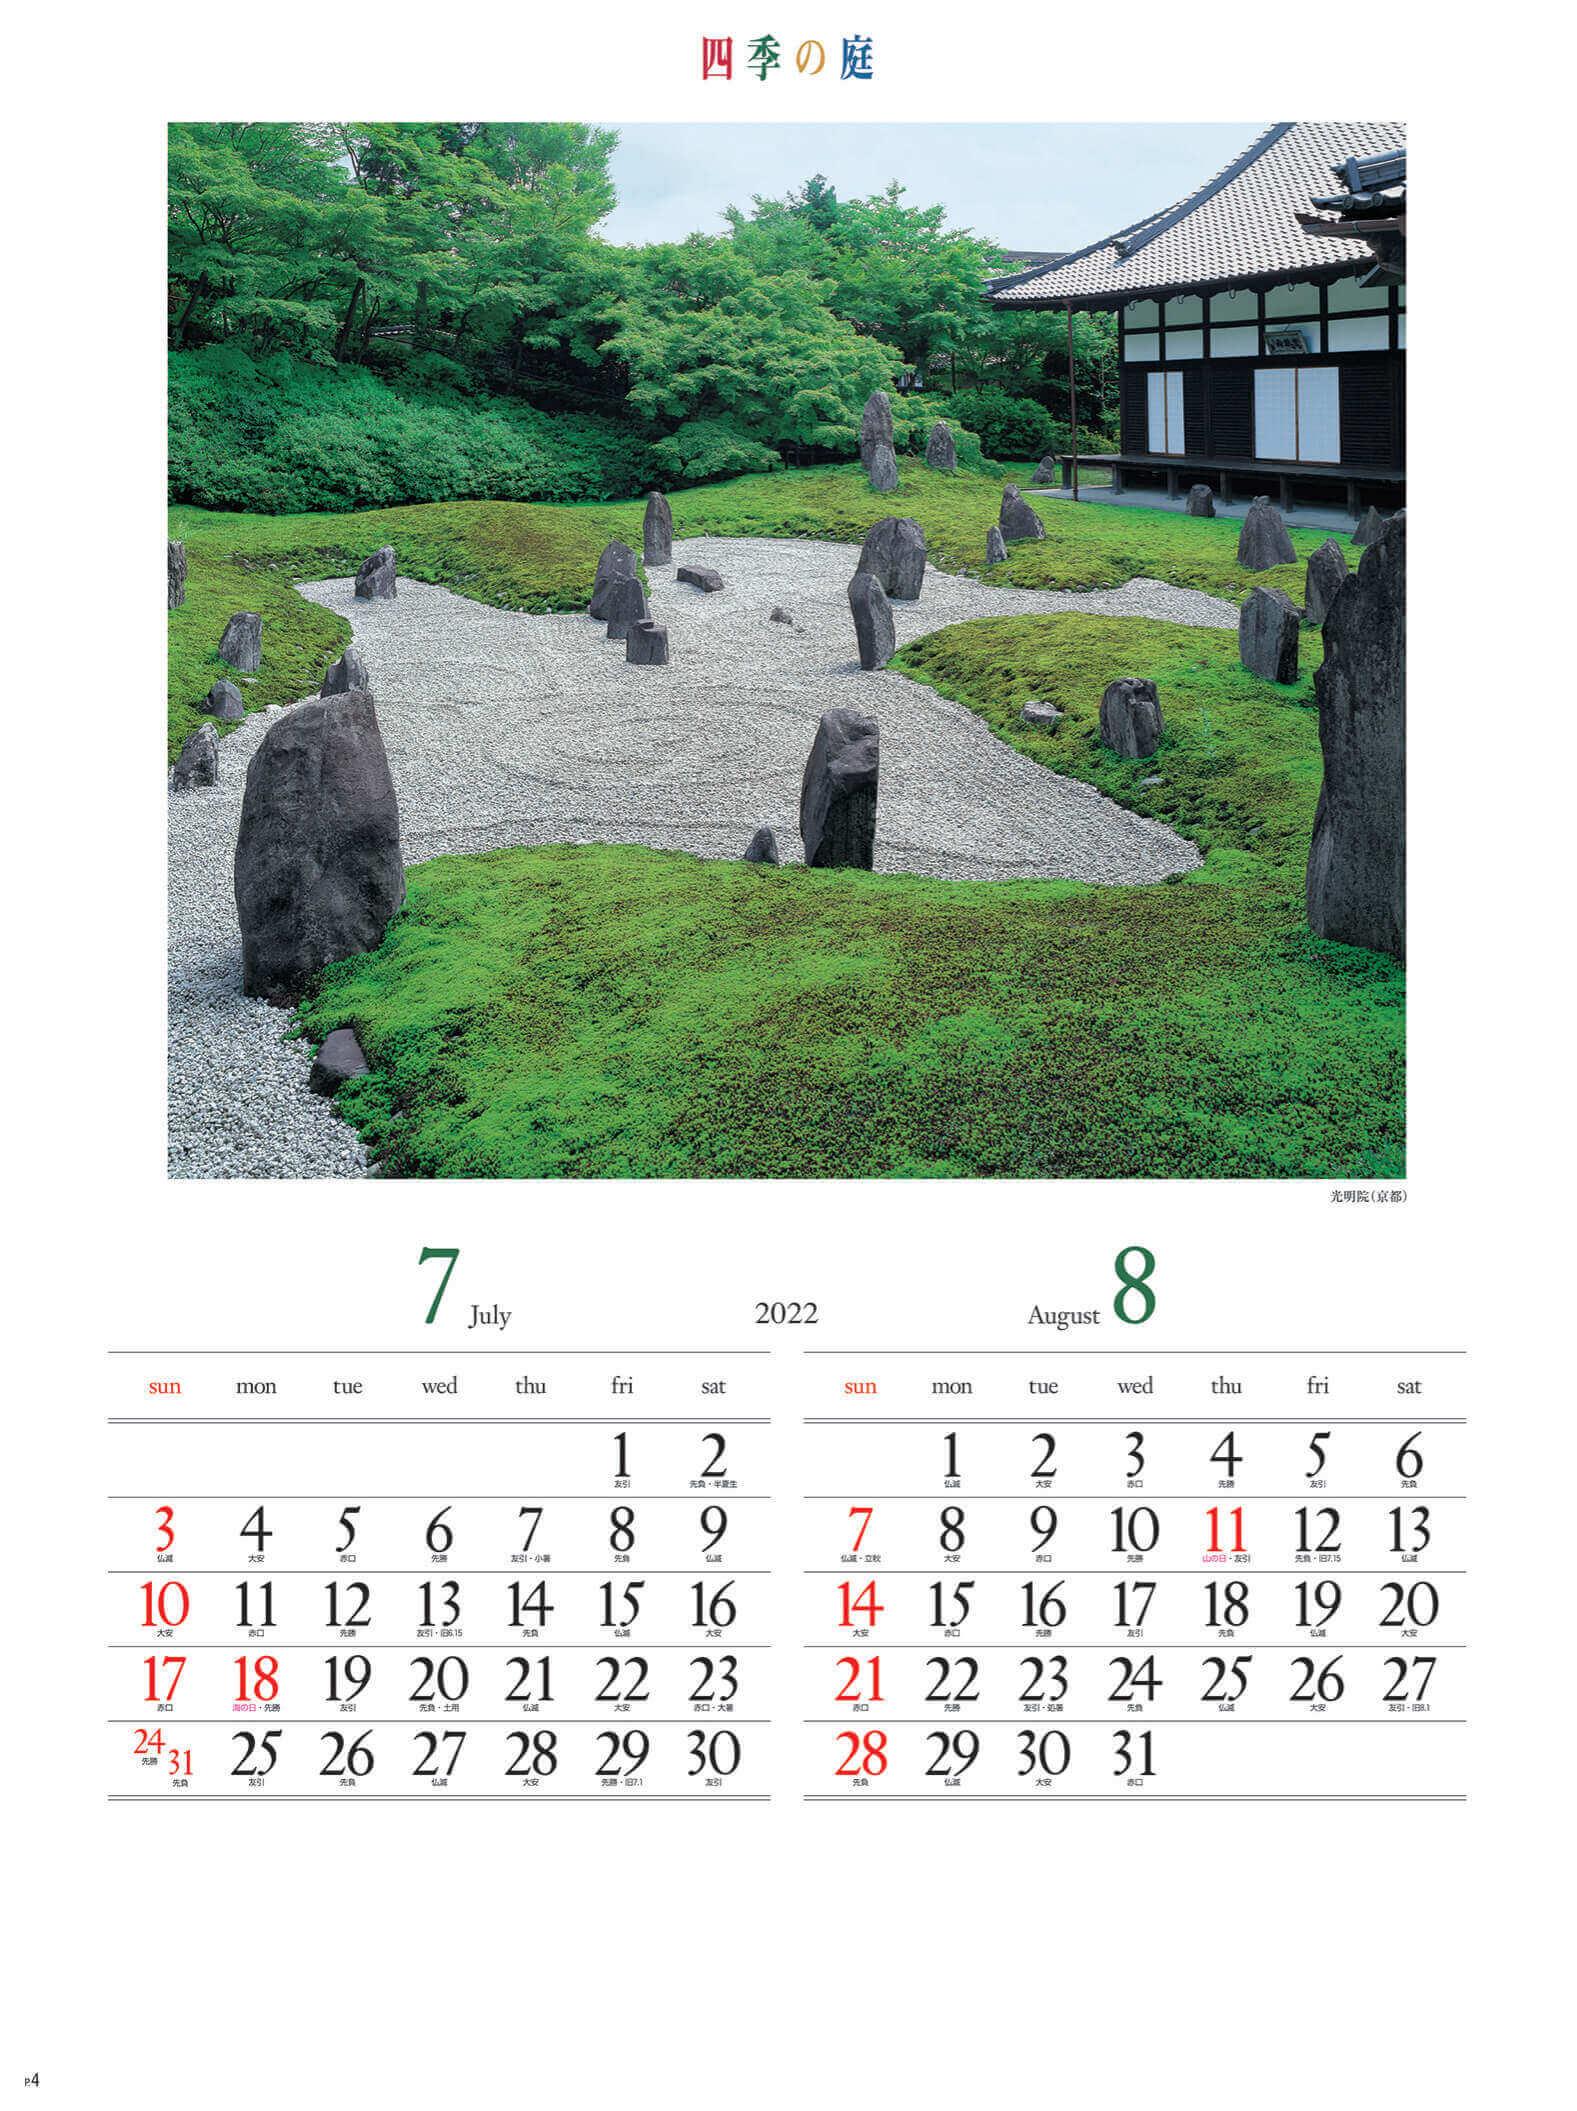 7-8月 光明院(京都) 四季の庭 2022年カレンダーの画像